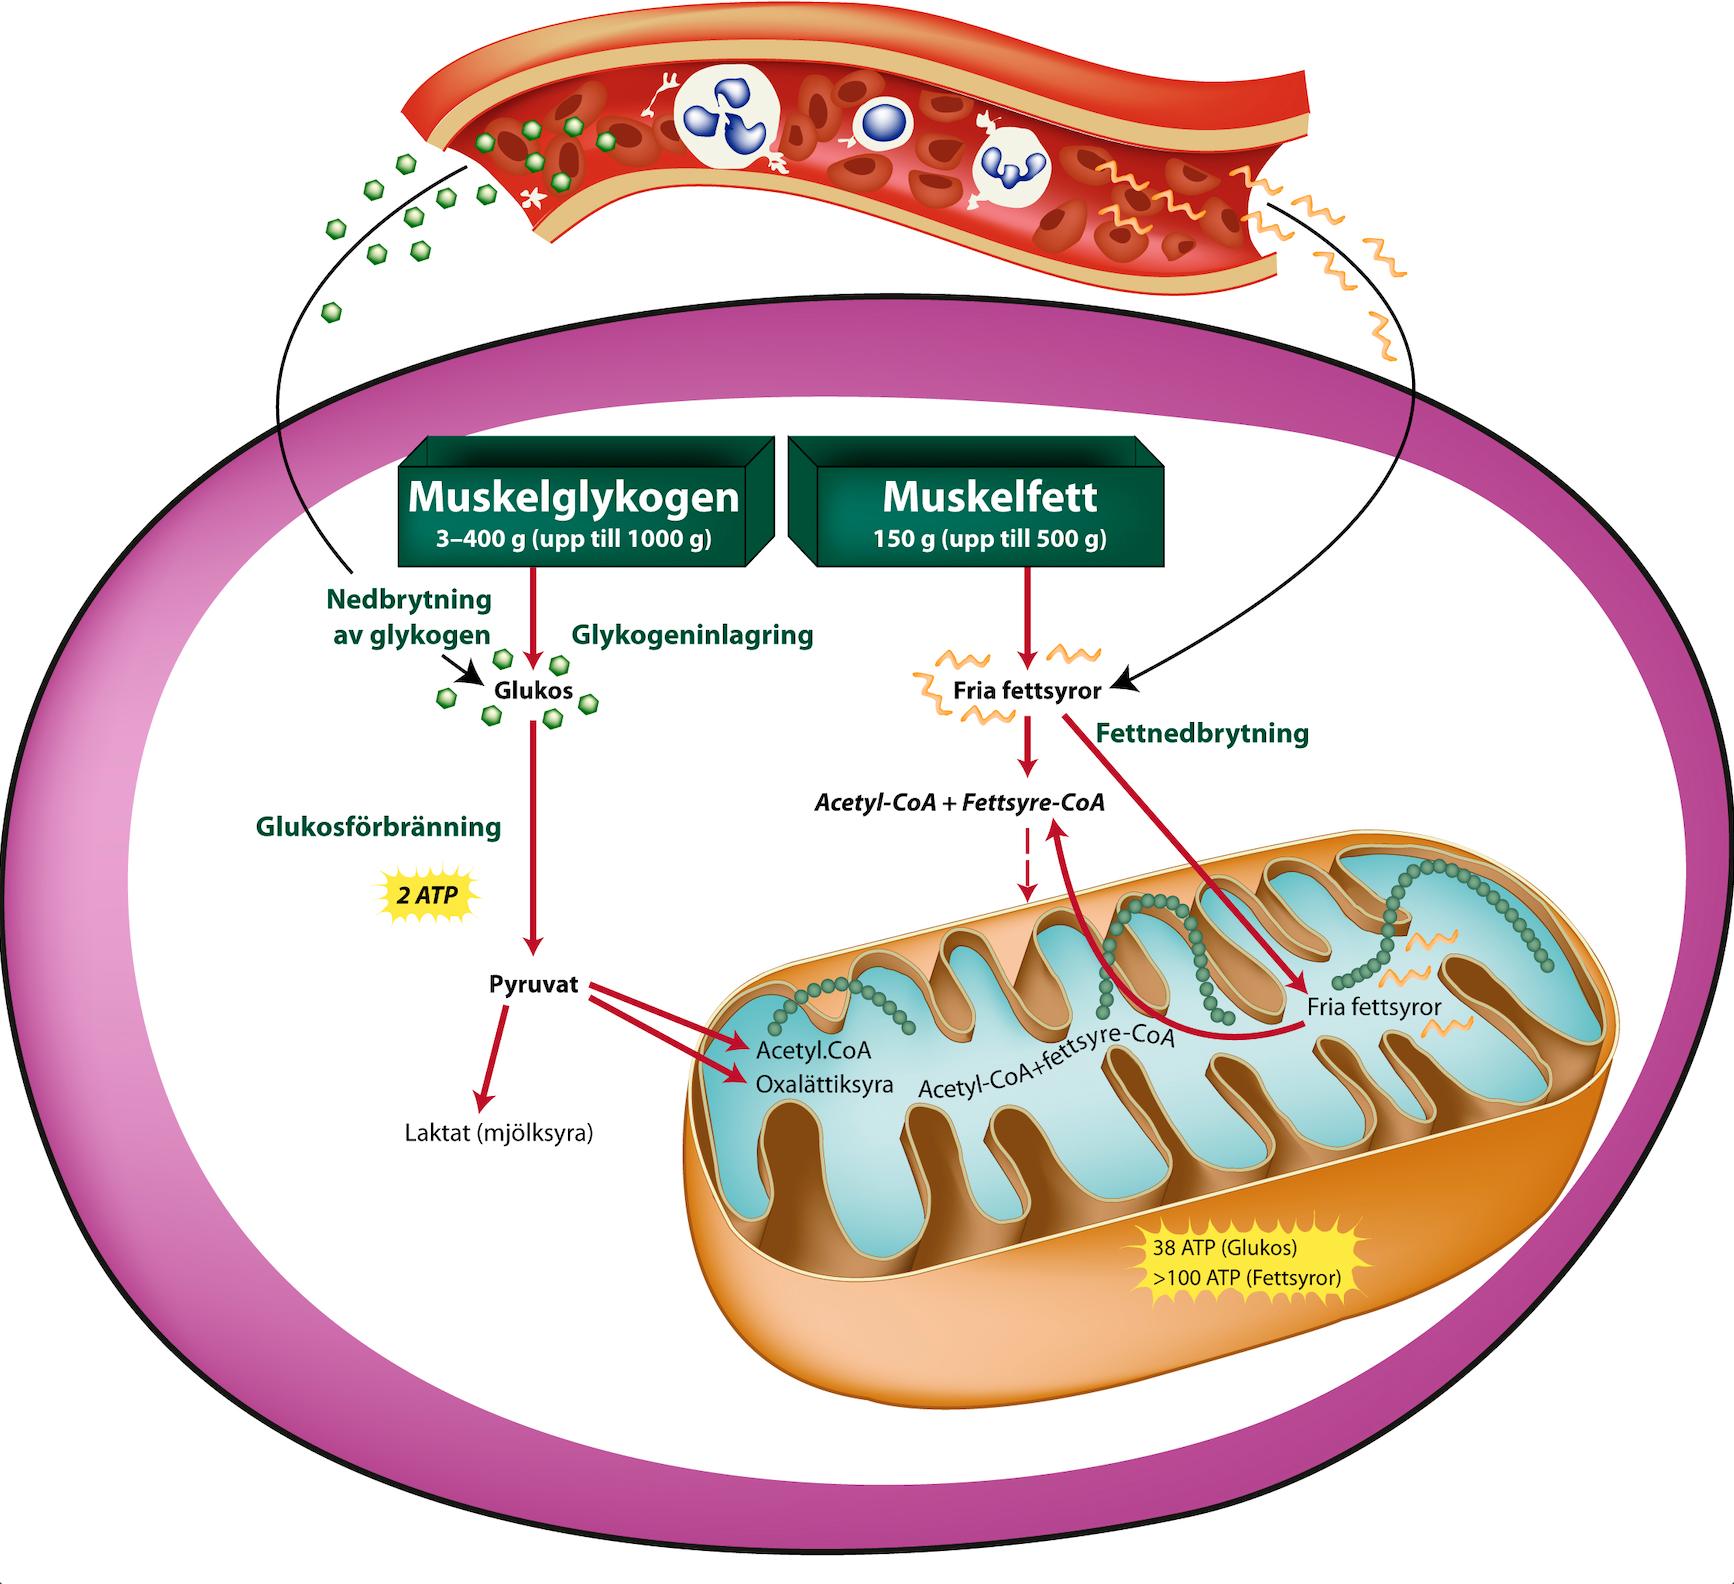 Muskelglykogen och muskelfett (1)